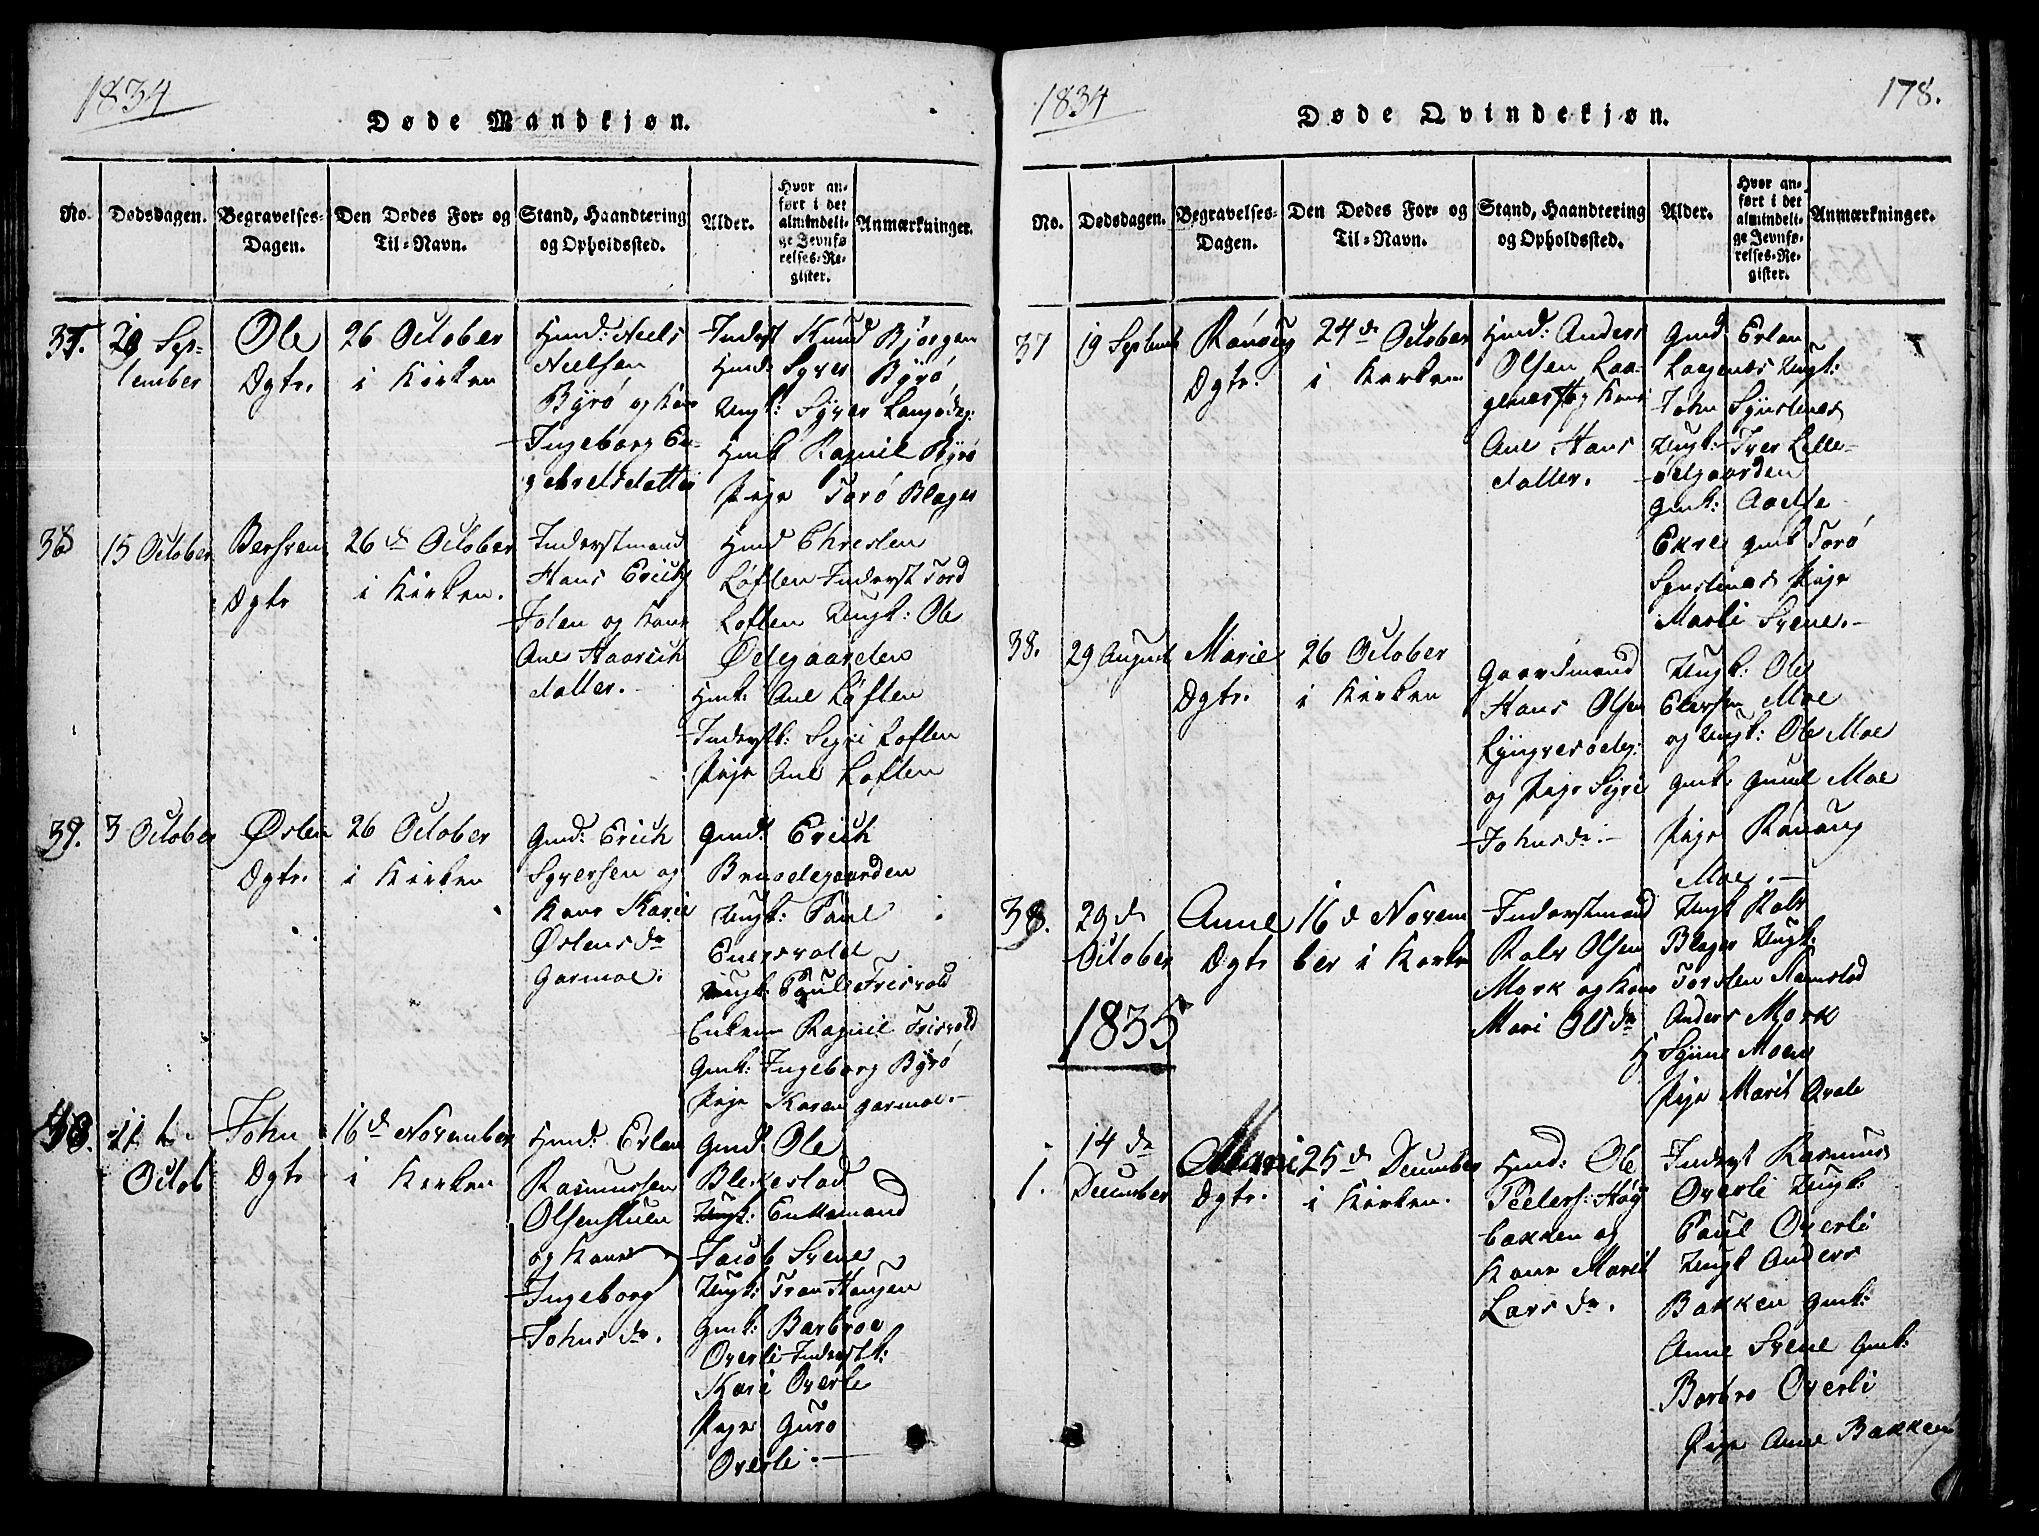 SAH, Lom prestekontor, L/L0001: Klokkerbok nr. 1, 1815-1836, s. 178